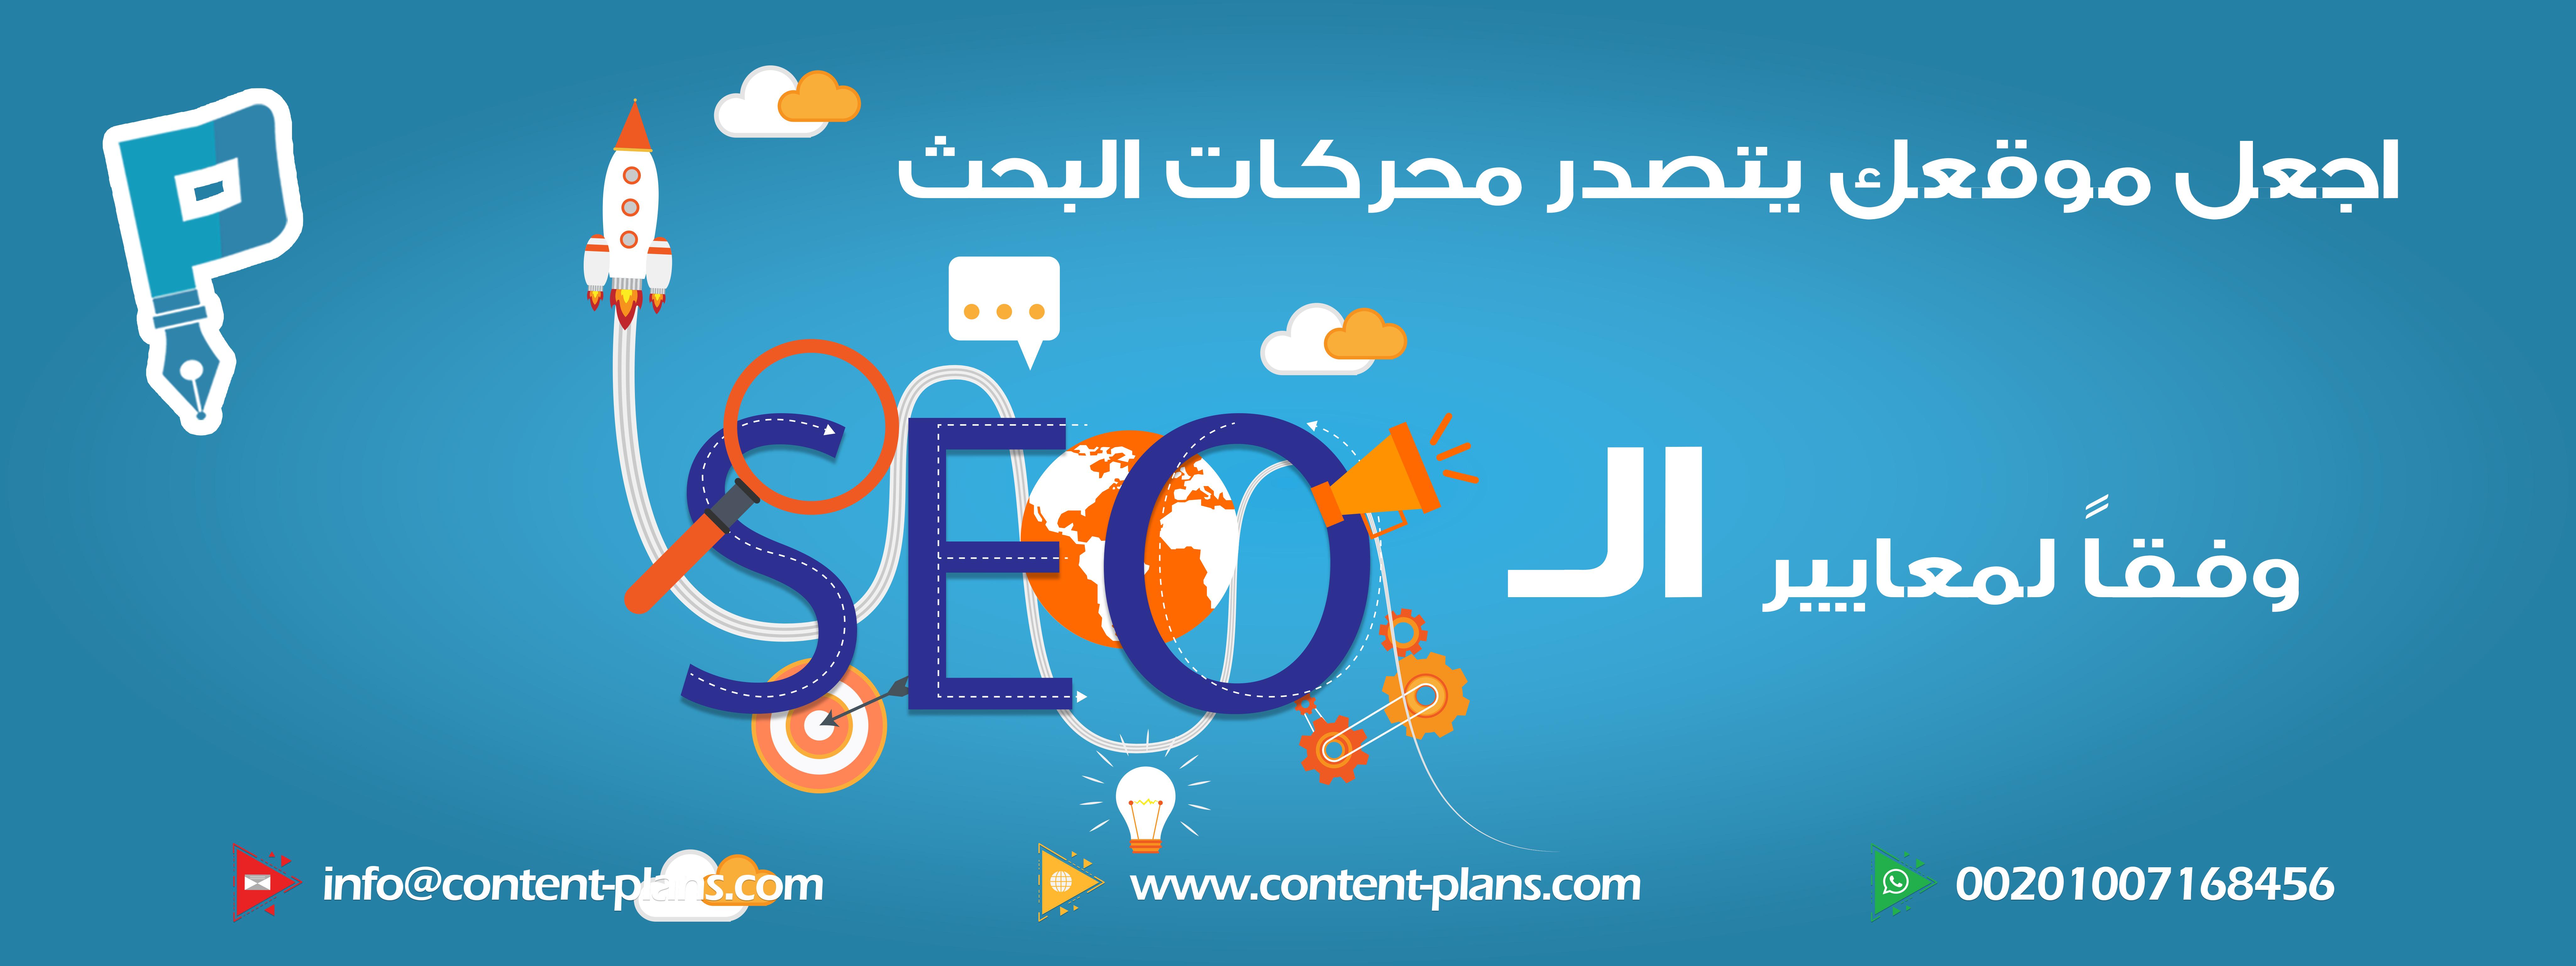 اجعل موقعك يتصدر محركات البحث وفقاً لمعايير الـ SEO